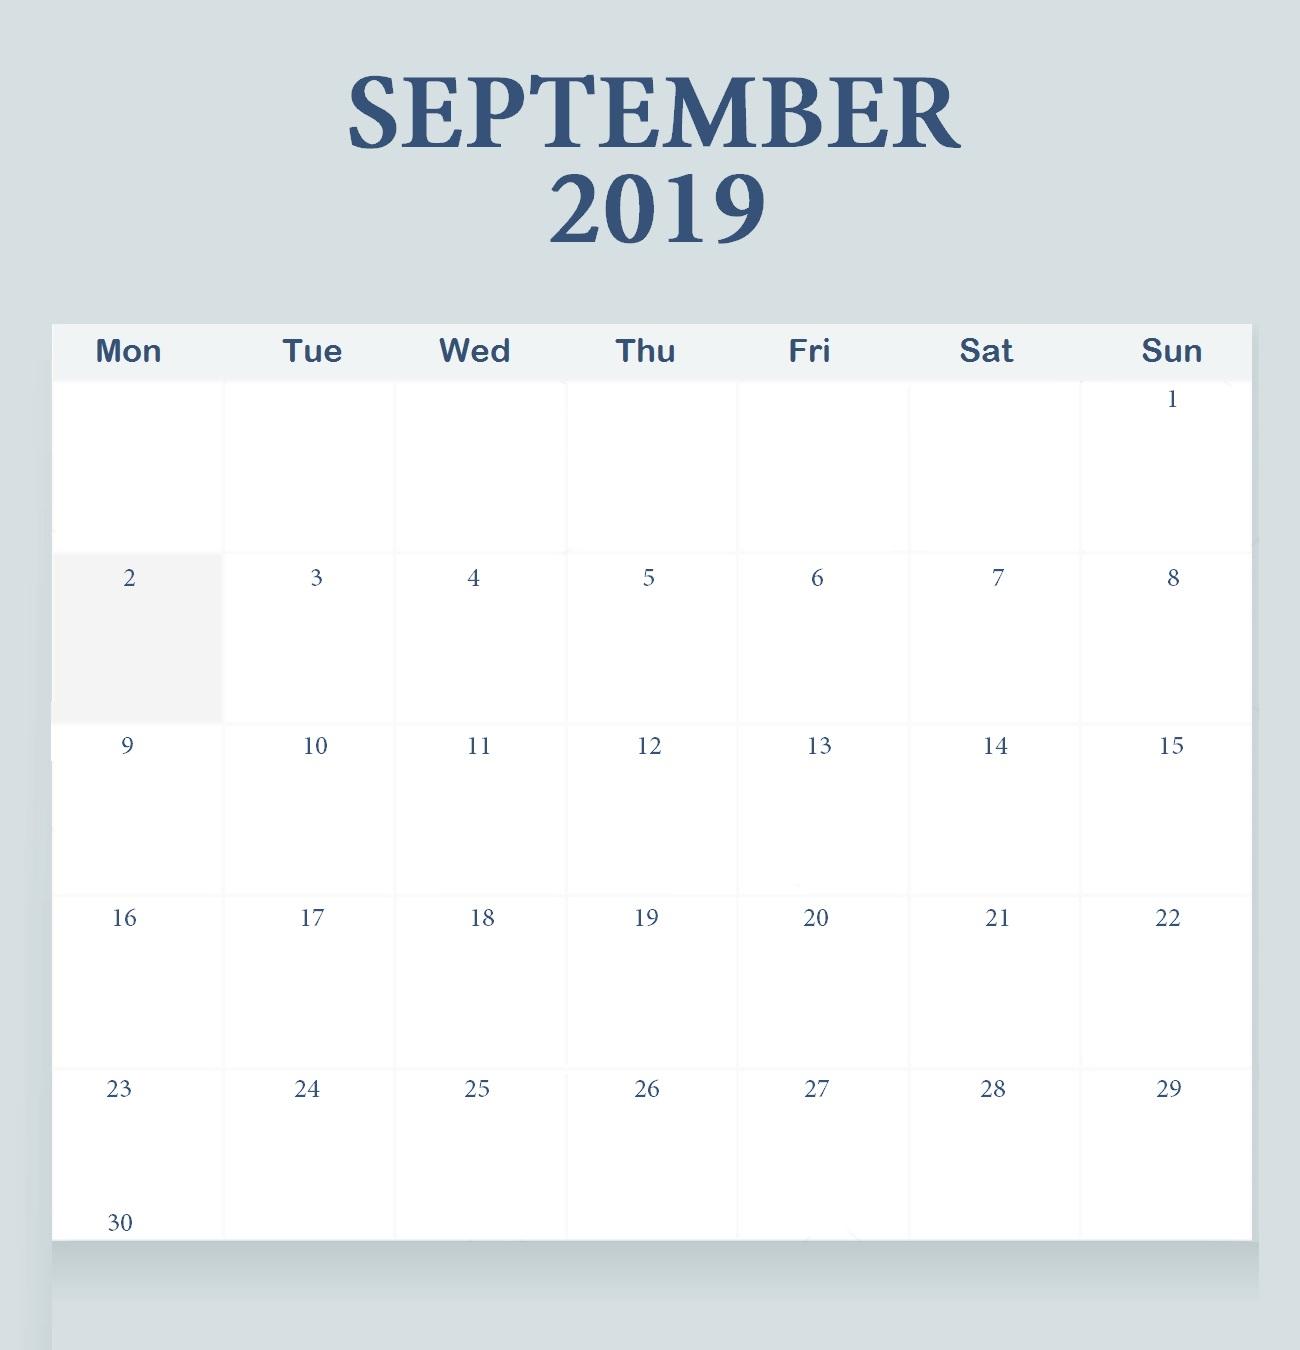 September 2019 Monthly Planner